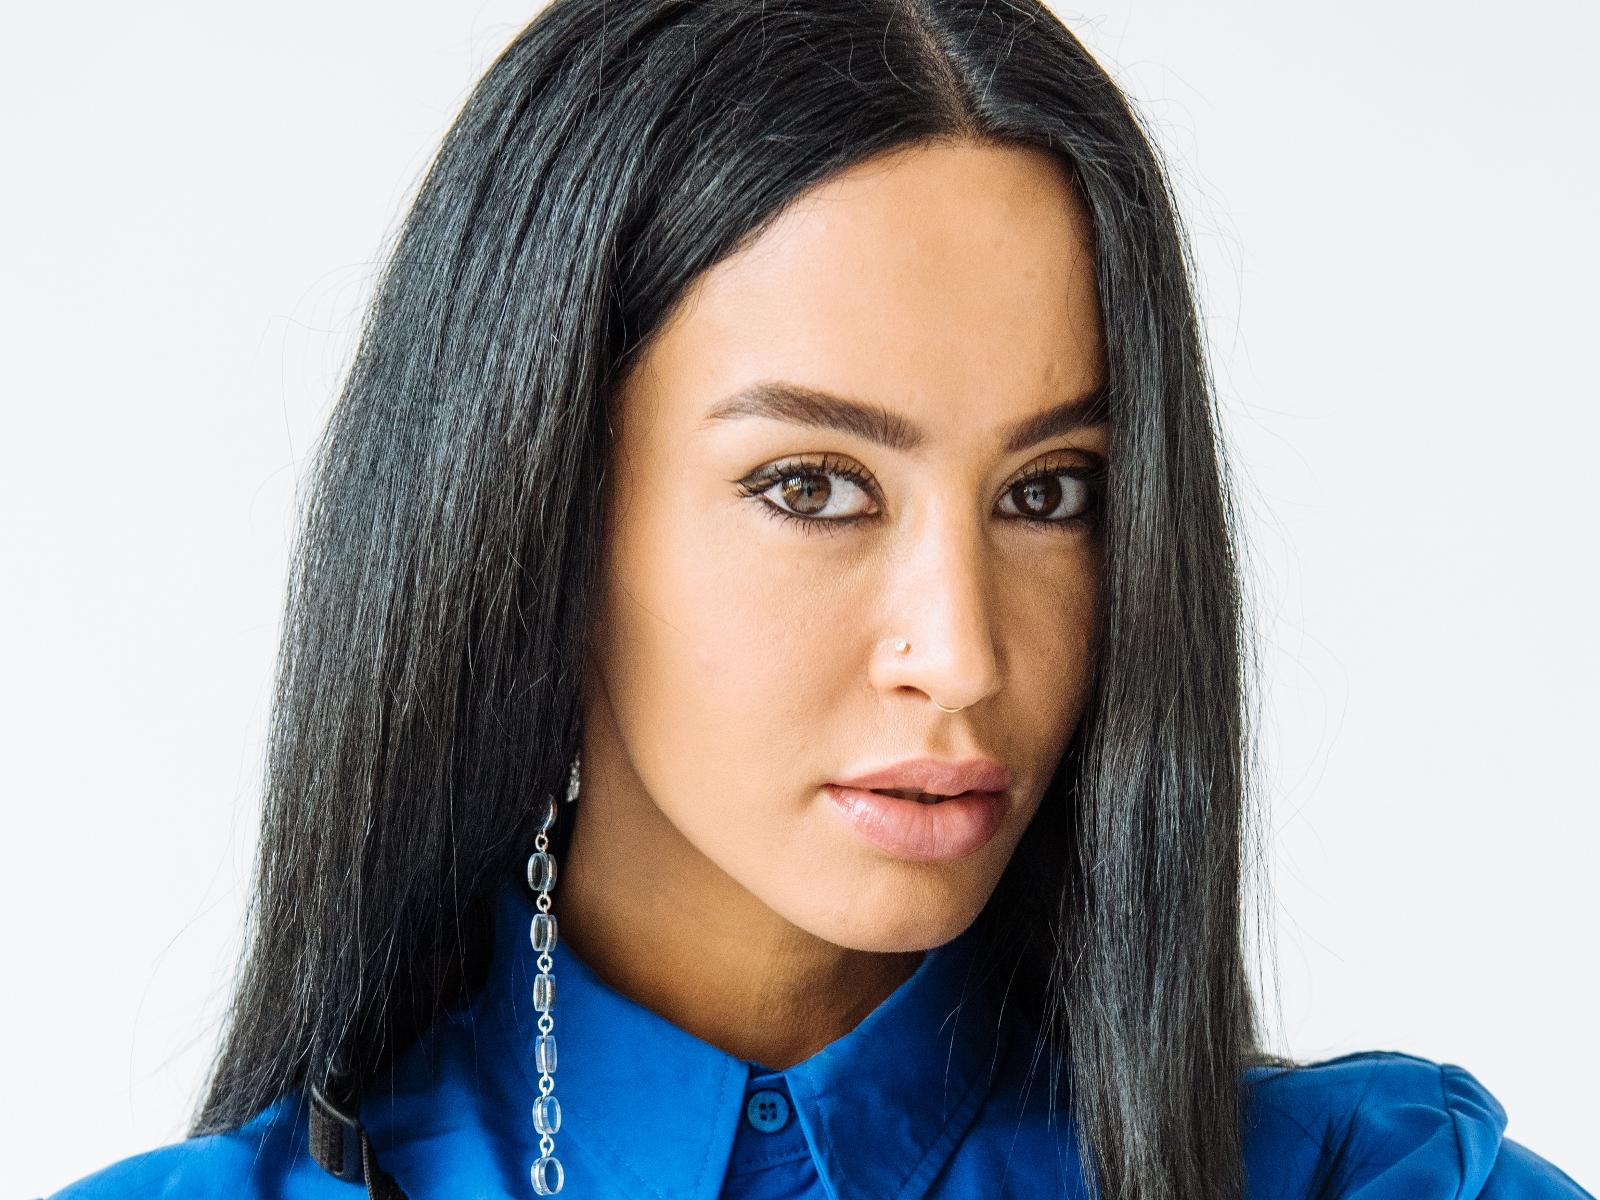 Who is Dafina Zeqiri?